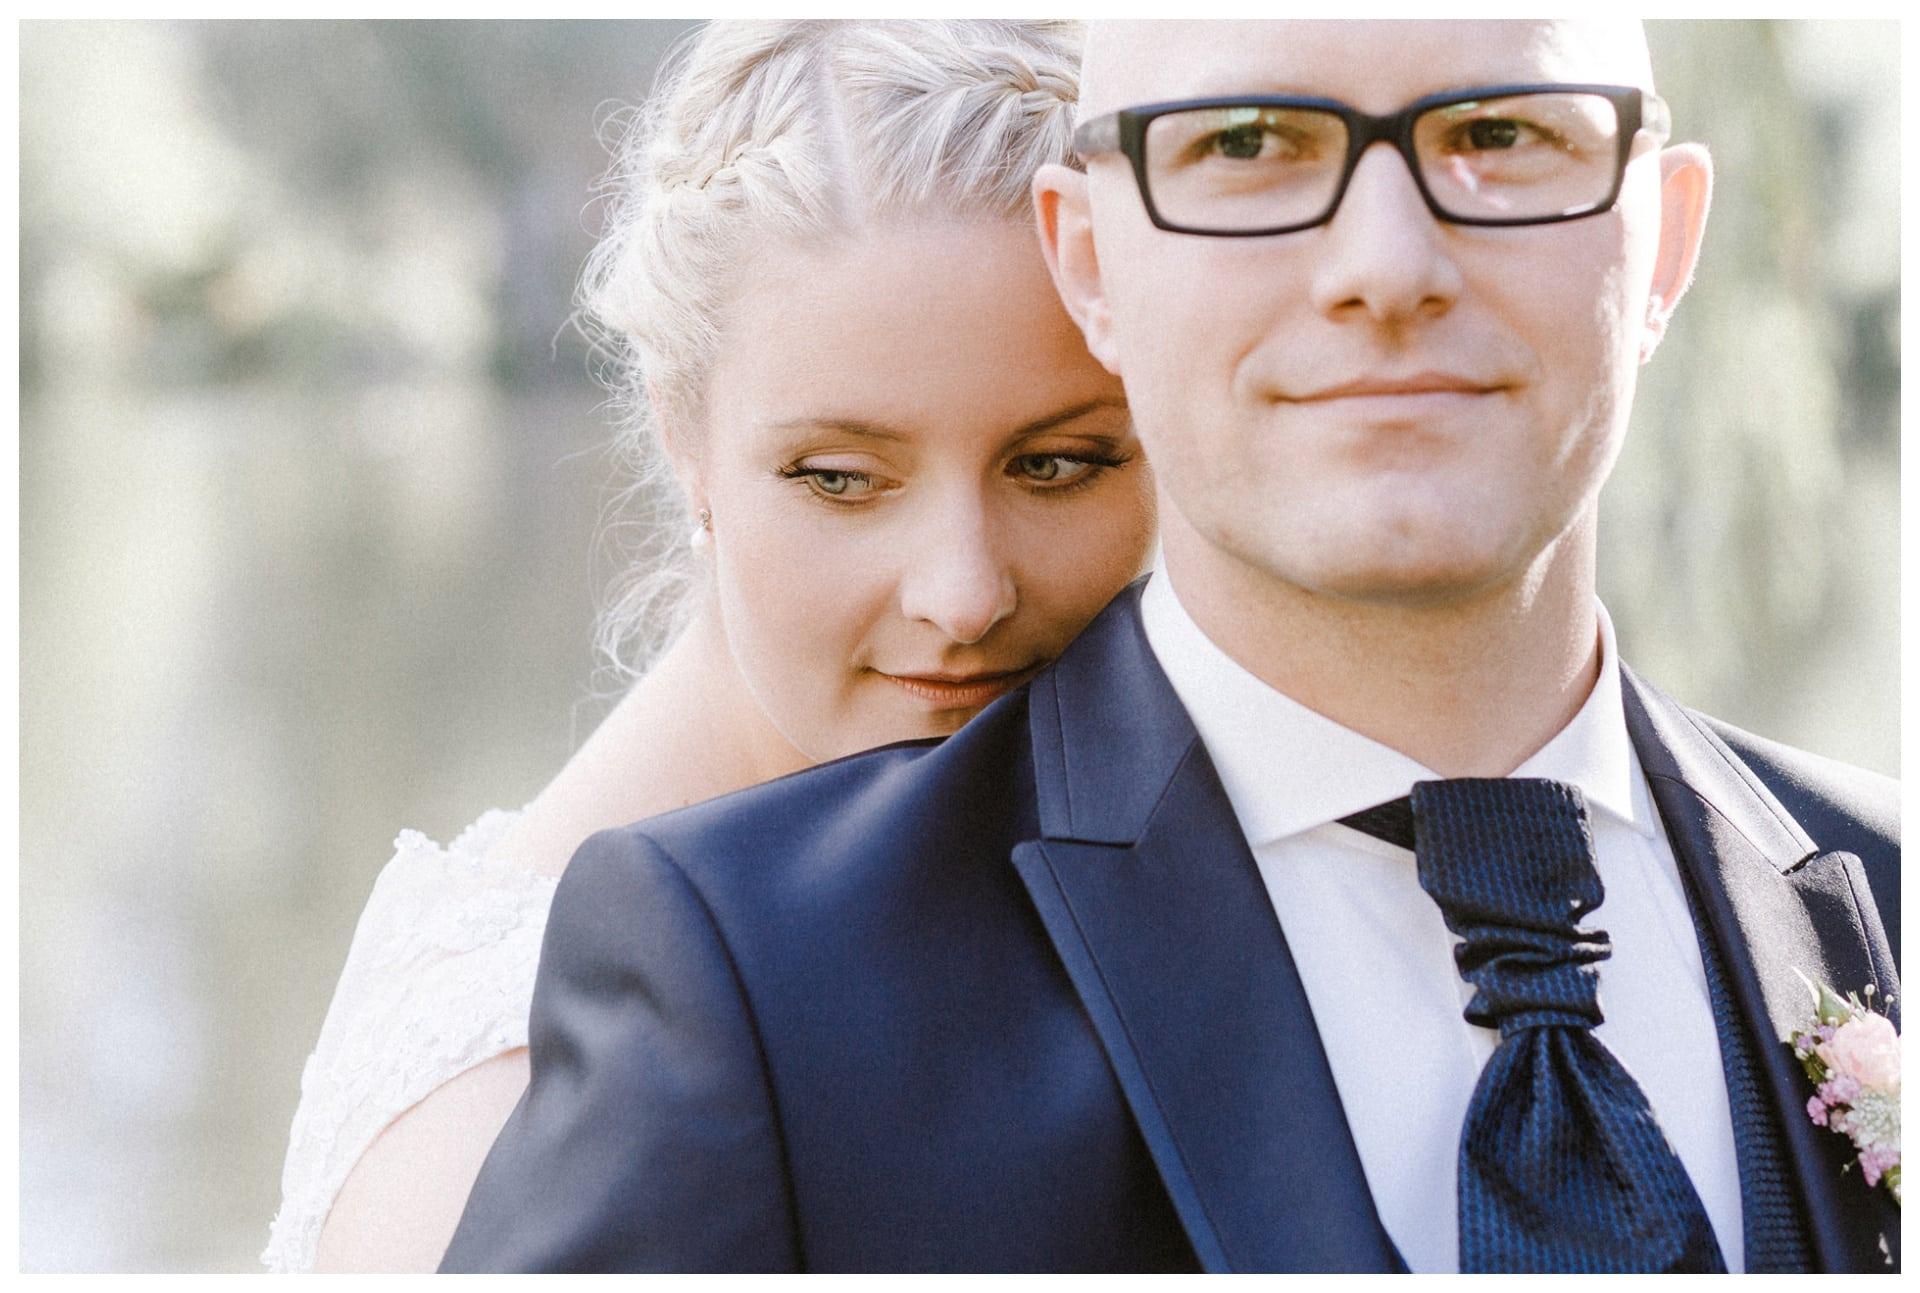 Hochzeitsfotos Mölln Waldhof auf Herrenland - 2 Hochzeitesfotografen im Team